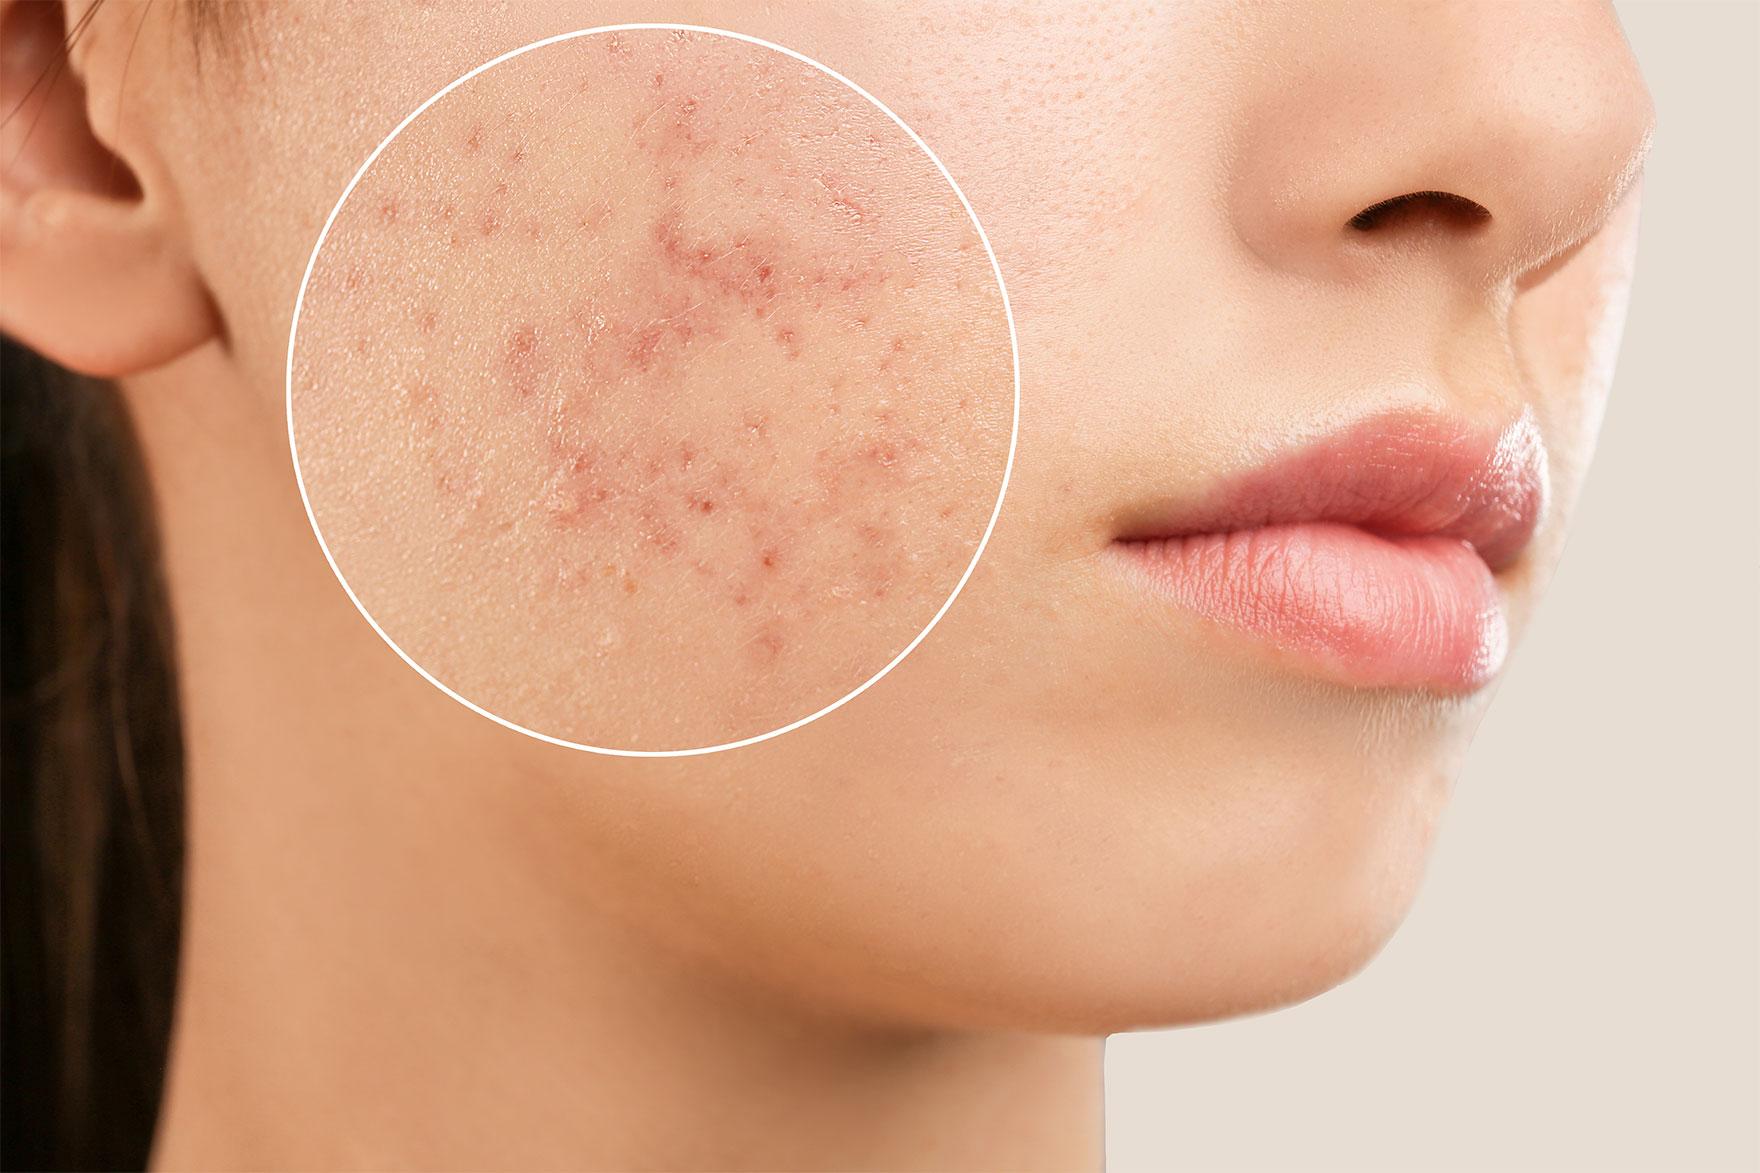 Découvrez les causes de l'acné adulte. Toutes les astuces et solutions pour en finir avec l'acné tardive et retrouver une peau nette.